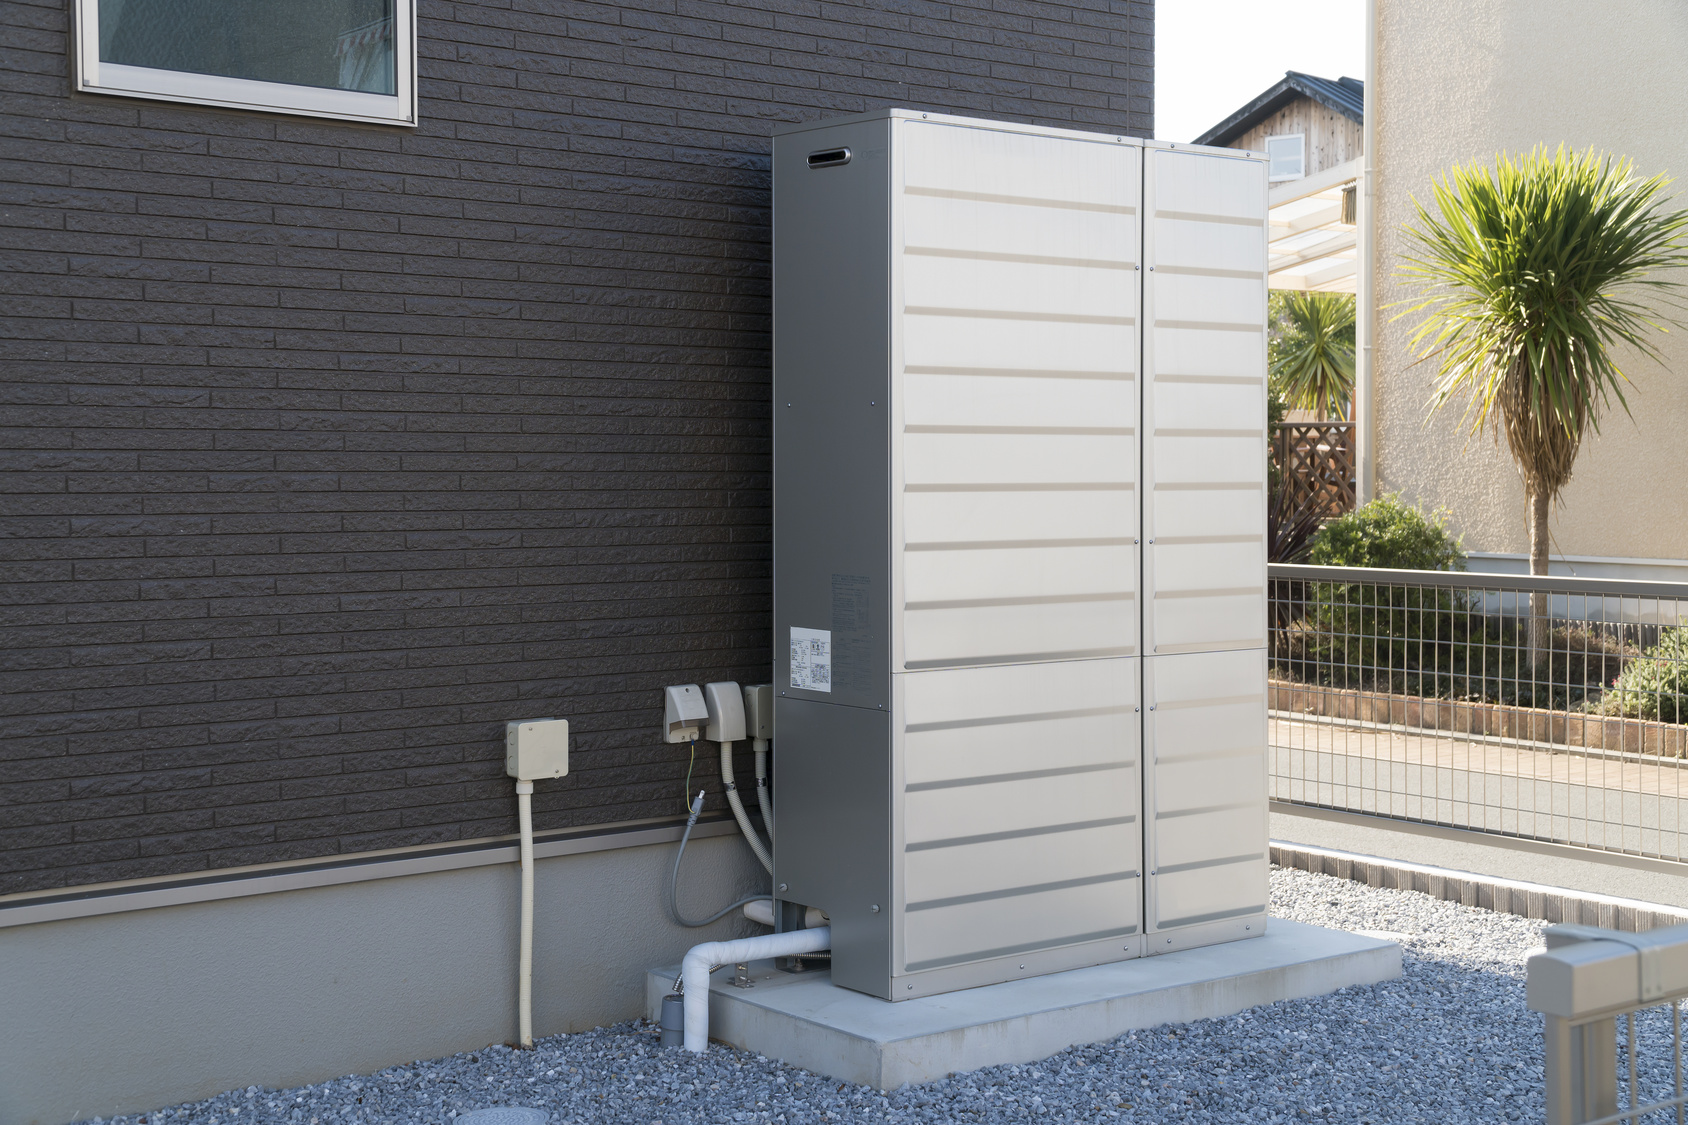 給湯器 エネファー エコ 深夜電力 住宅設備 戸建 屋外 設置例